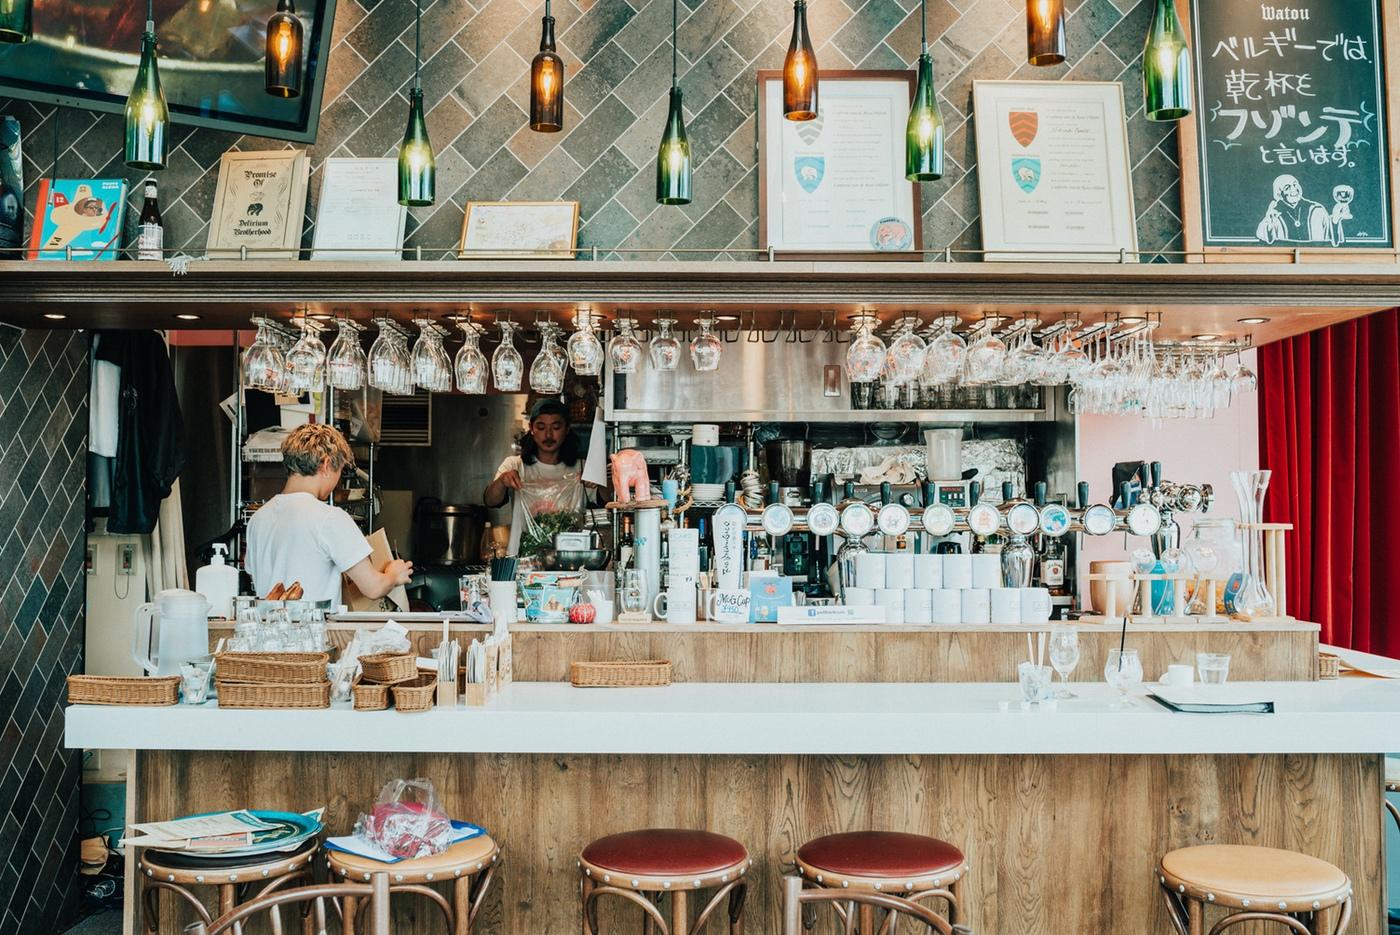 代々木でランチからベルギービールを楽しめるお店「プティデリリウム タップ カフェ 」